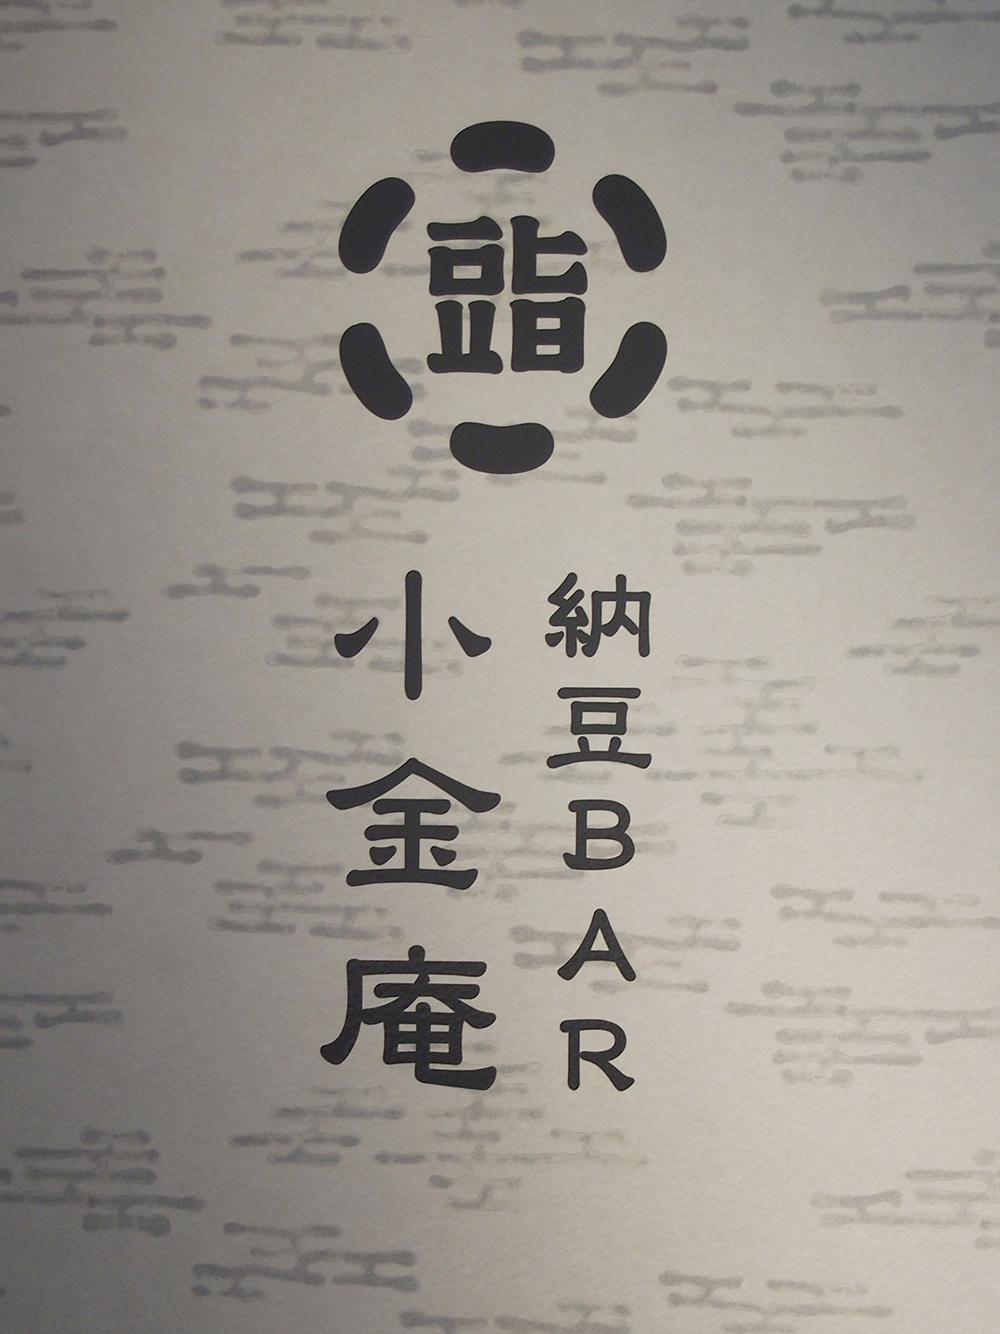 「小金庵」のロゴマークは、「豆」ヘンに、「旨」のツクリで 「なっとう」と読みます。創業者であるお父さまの考案された マークだそうです。